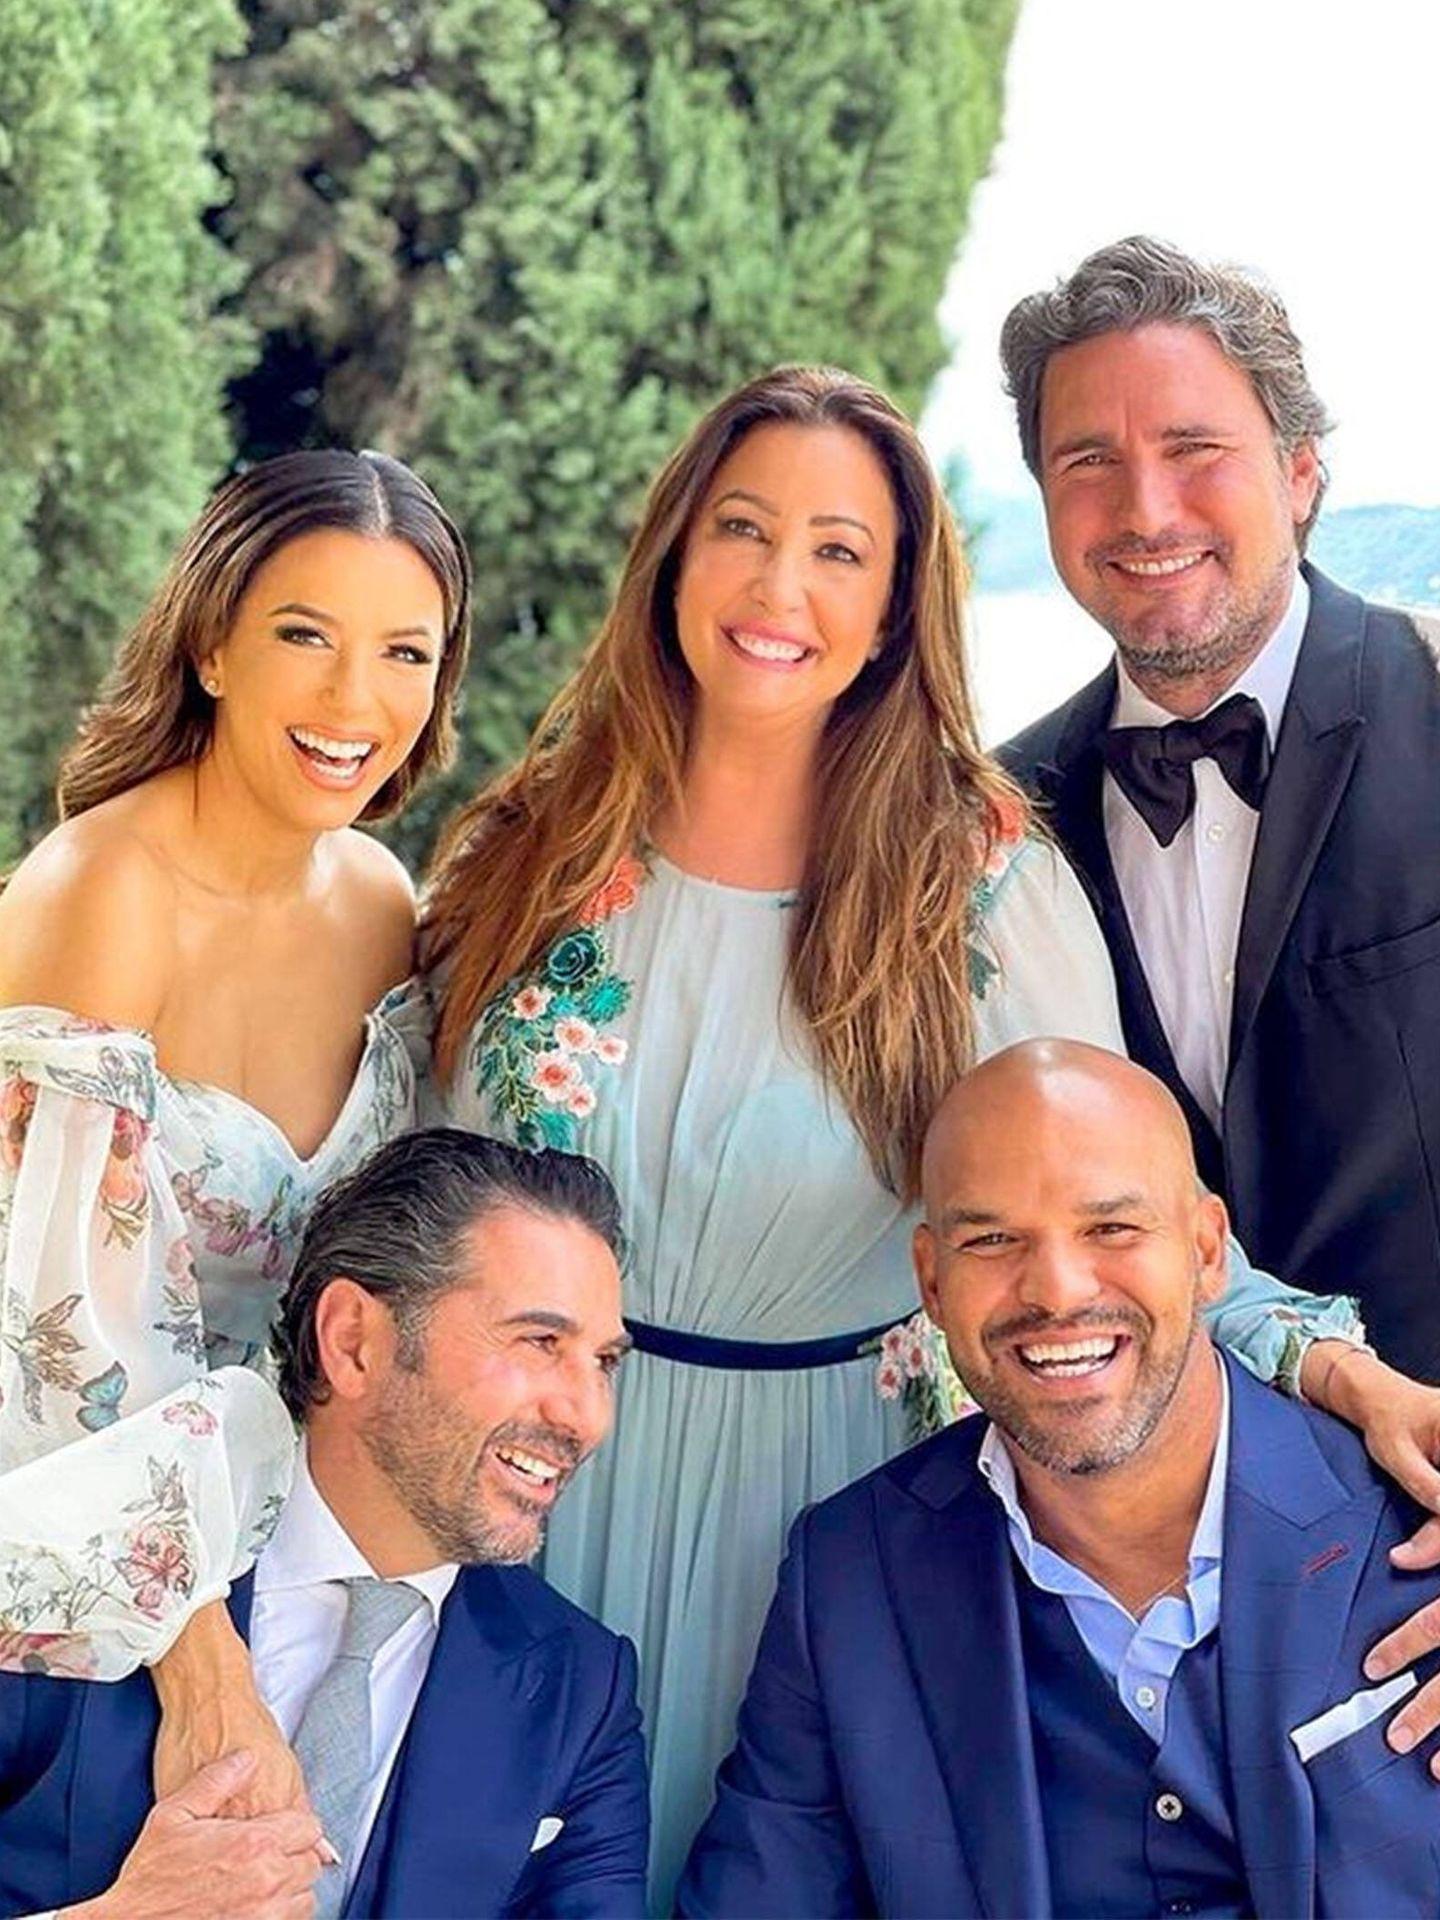 Una de las imágenes de Eva Longoria y compañía en la boda de su hijastra. (Instagram @evalongoria)